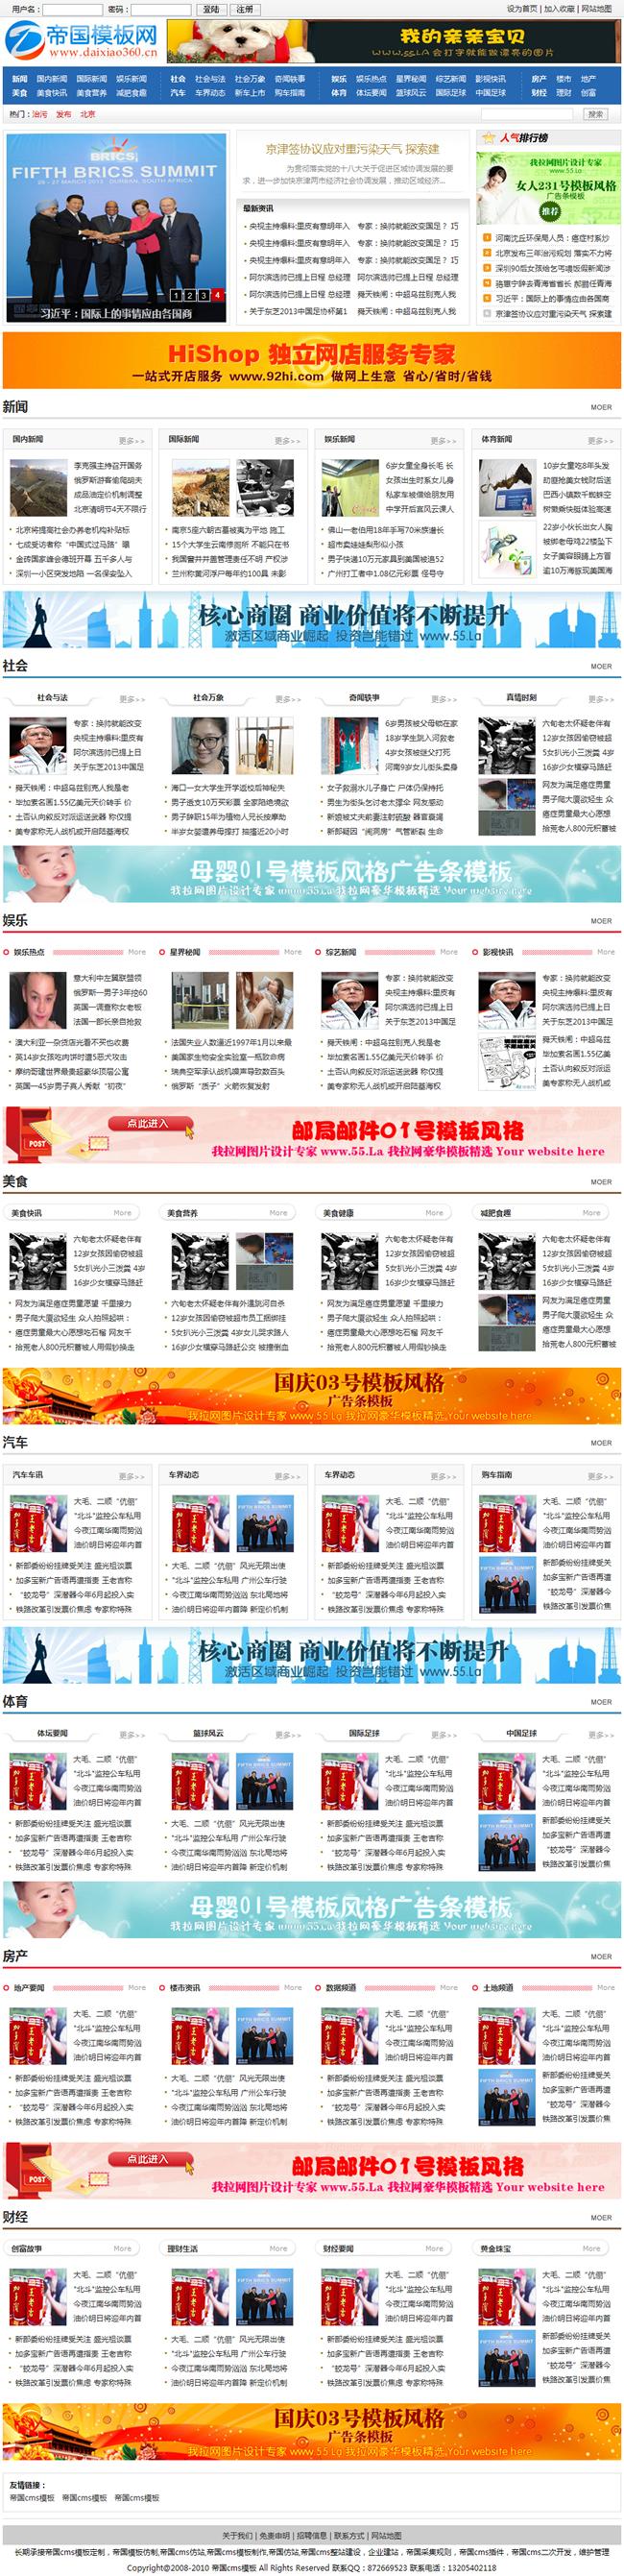 帝国cms新闻资讯文章门户网站程序模板_首页